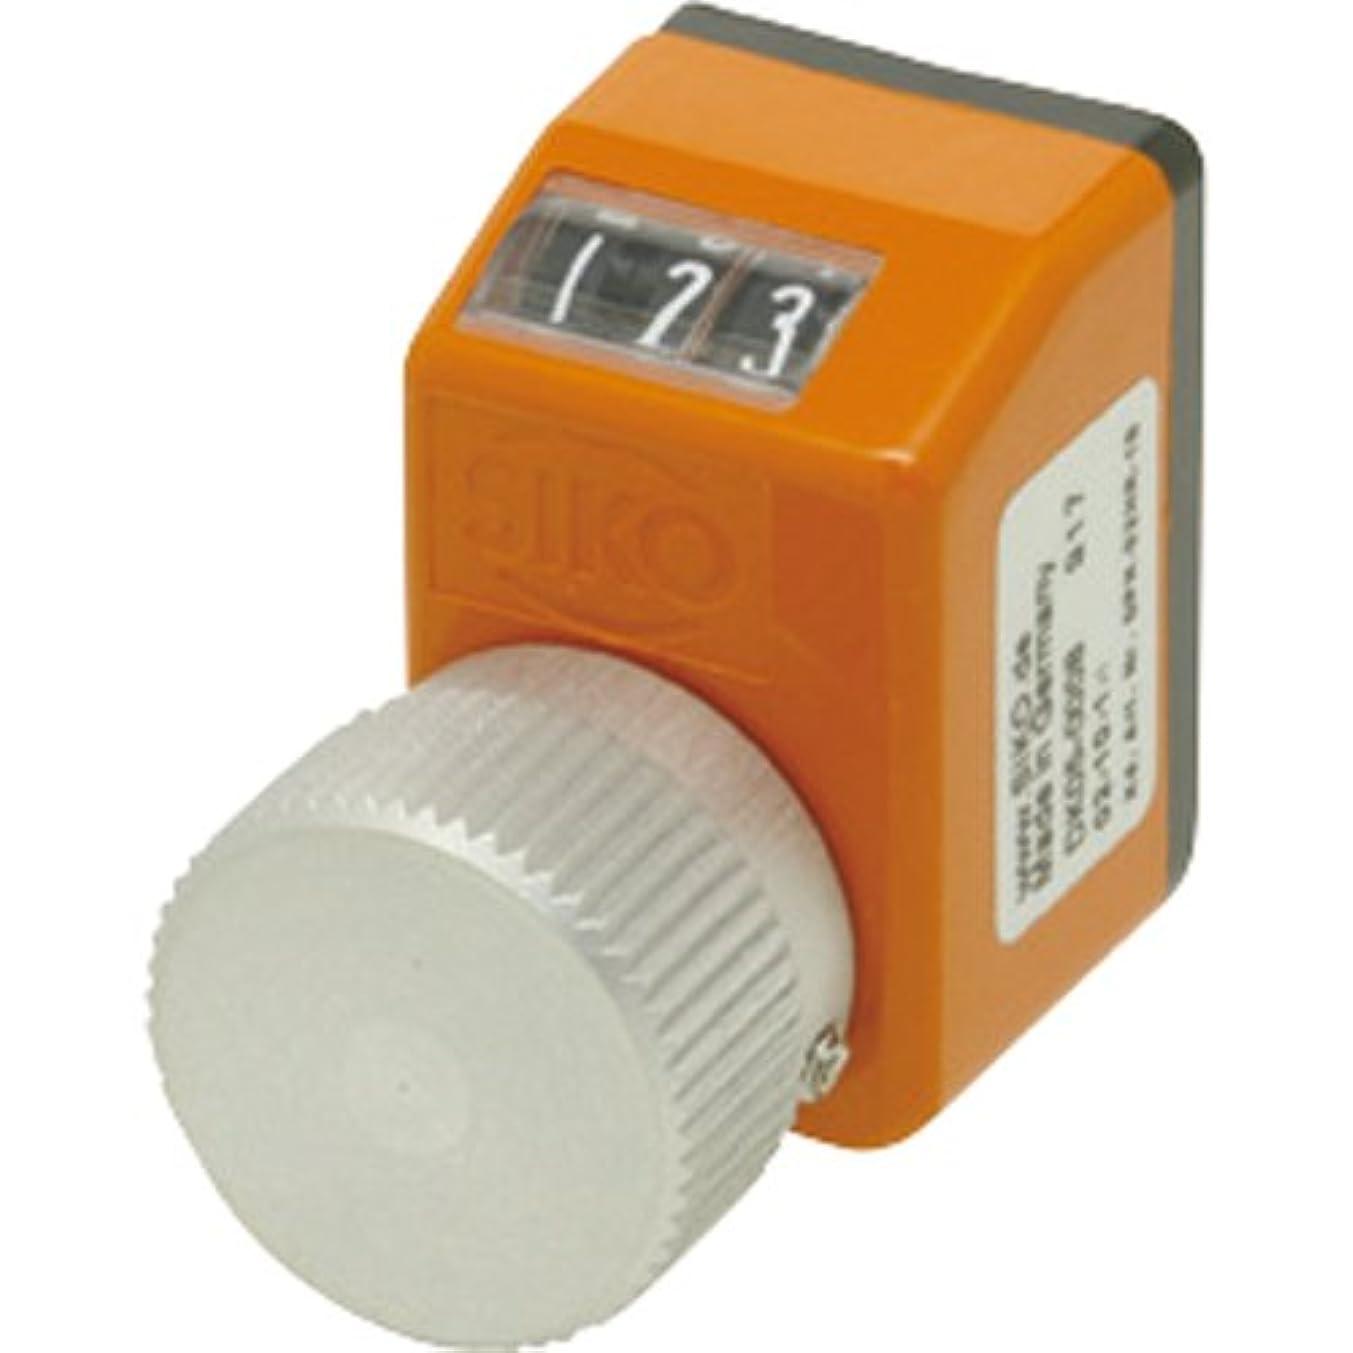 スプーン有効ボトルネックベンリック デジタルポジションインジケーターノブDPK02HL2B